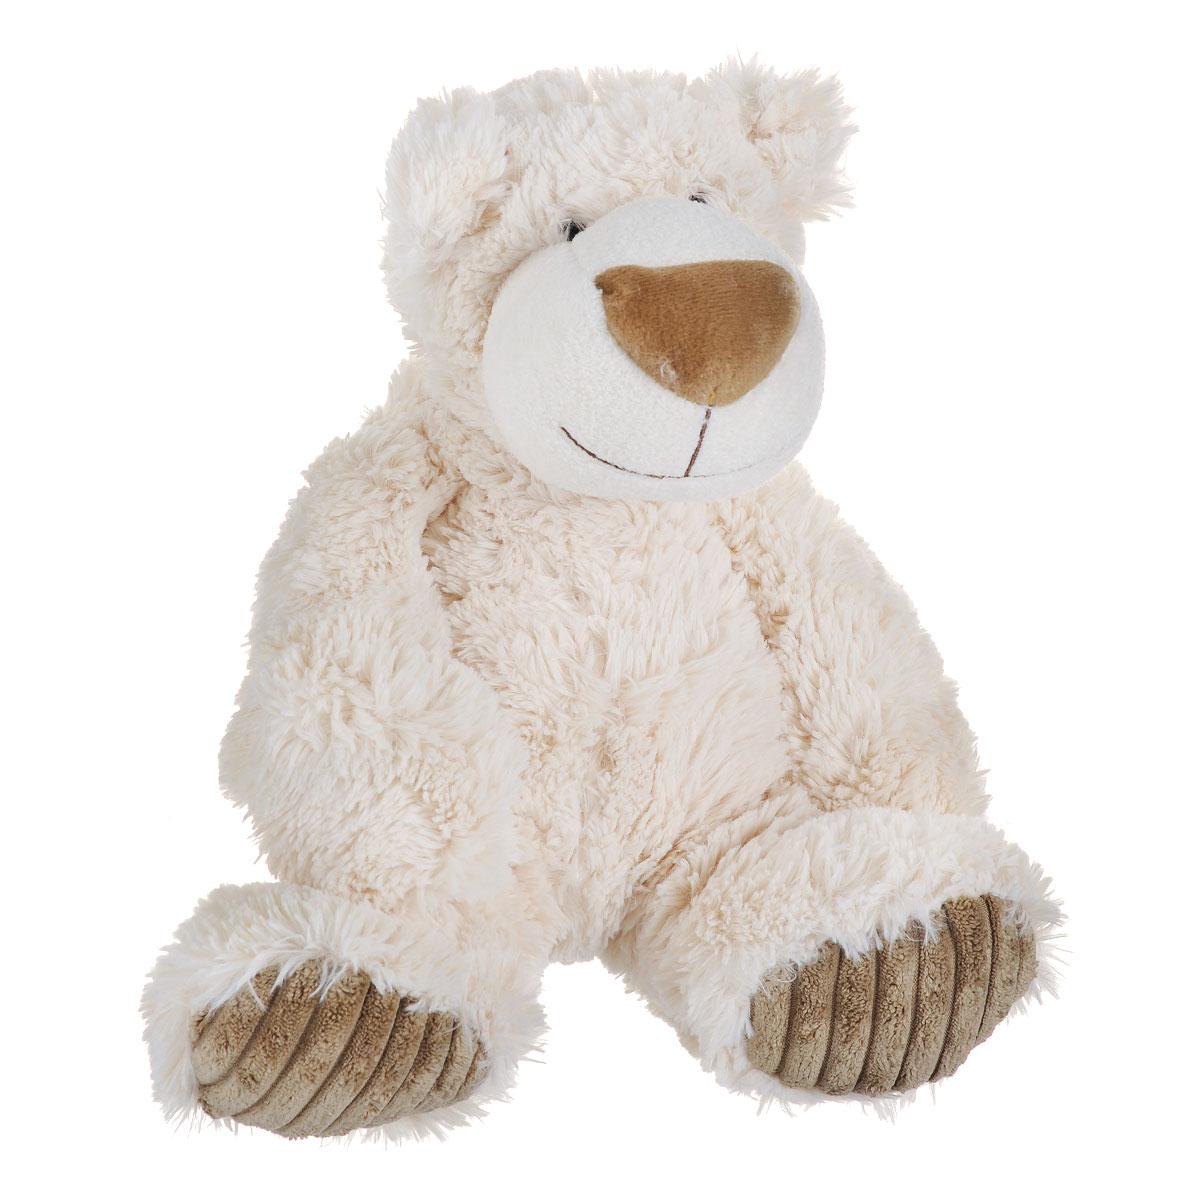 Мягкая игрушка Aurora Медведь Латте, 31 см120-05Очаровательная мягкая игрушка Медведь Латте, выполненная в виде медвежонка кремового цвета, вызовет умиление и улыбку у каждого, кто ее увидит. Игрушка изготовлена из высококачественного плюшa с добавлением специальных гранул, которые способствуют развитию мелкой моторики рук малыша. Наполнитель выполнен из гипoaллepгeнного синтепона. Авторский дизайн; ручная работа. Удивительно мягкая игрушка принесет радость и подарит своему обладателю мгновения нежных объятий и приятных воспоминаний. Великолепное качество исполнения делают эту игрушку чудесным подарком как к Новому году, так и к любому празднику.